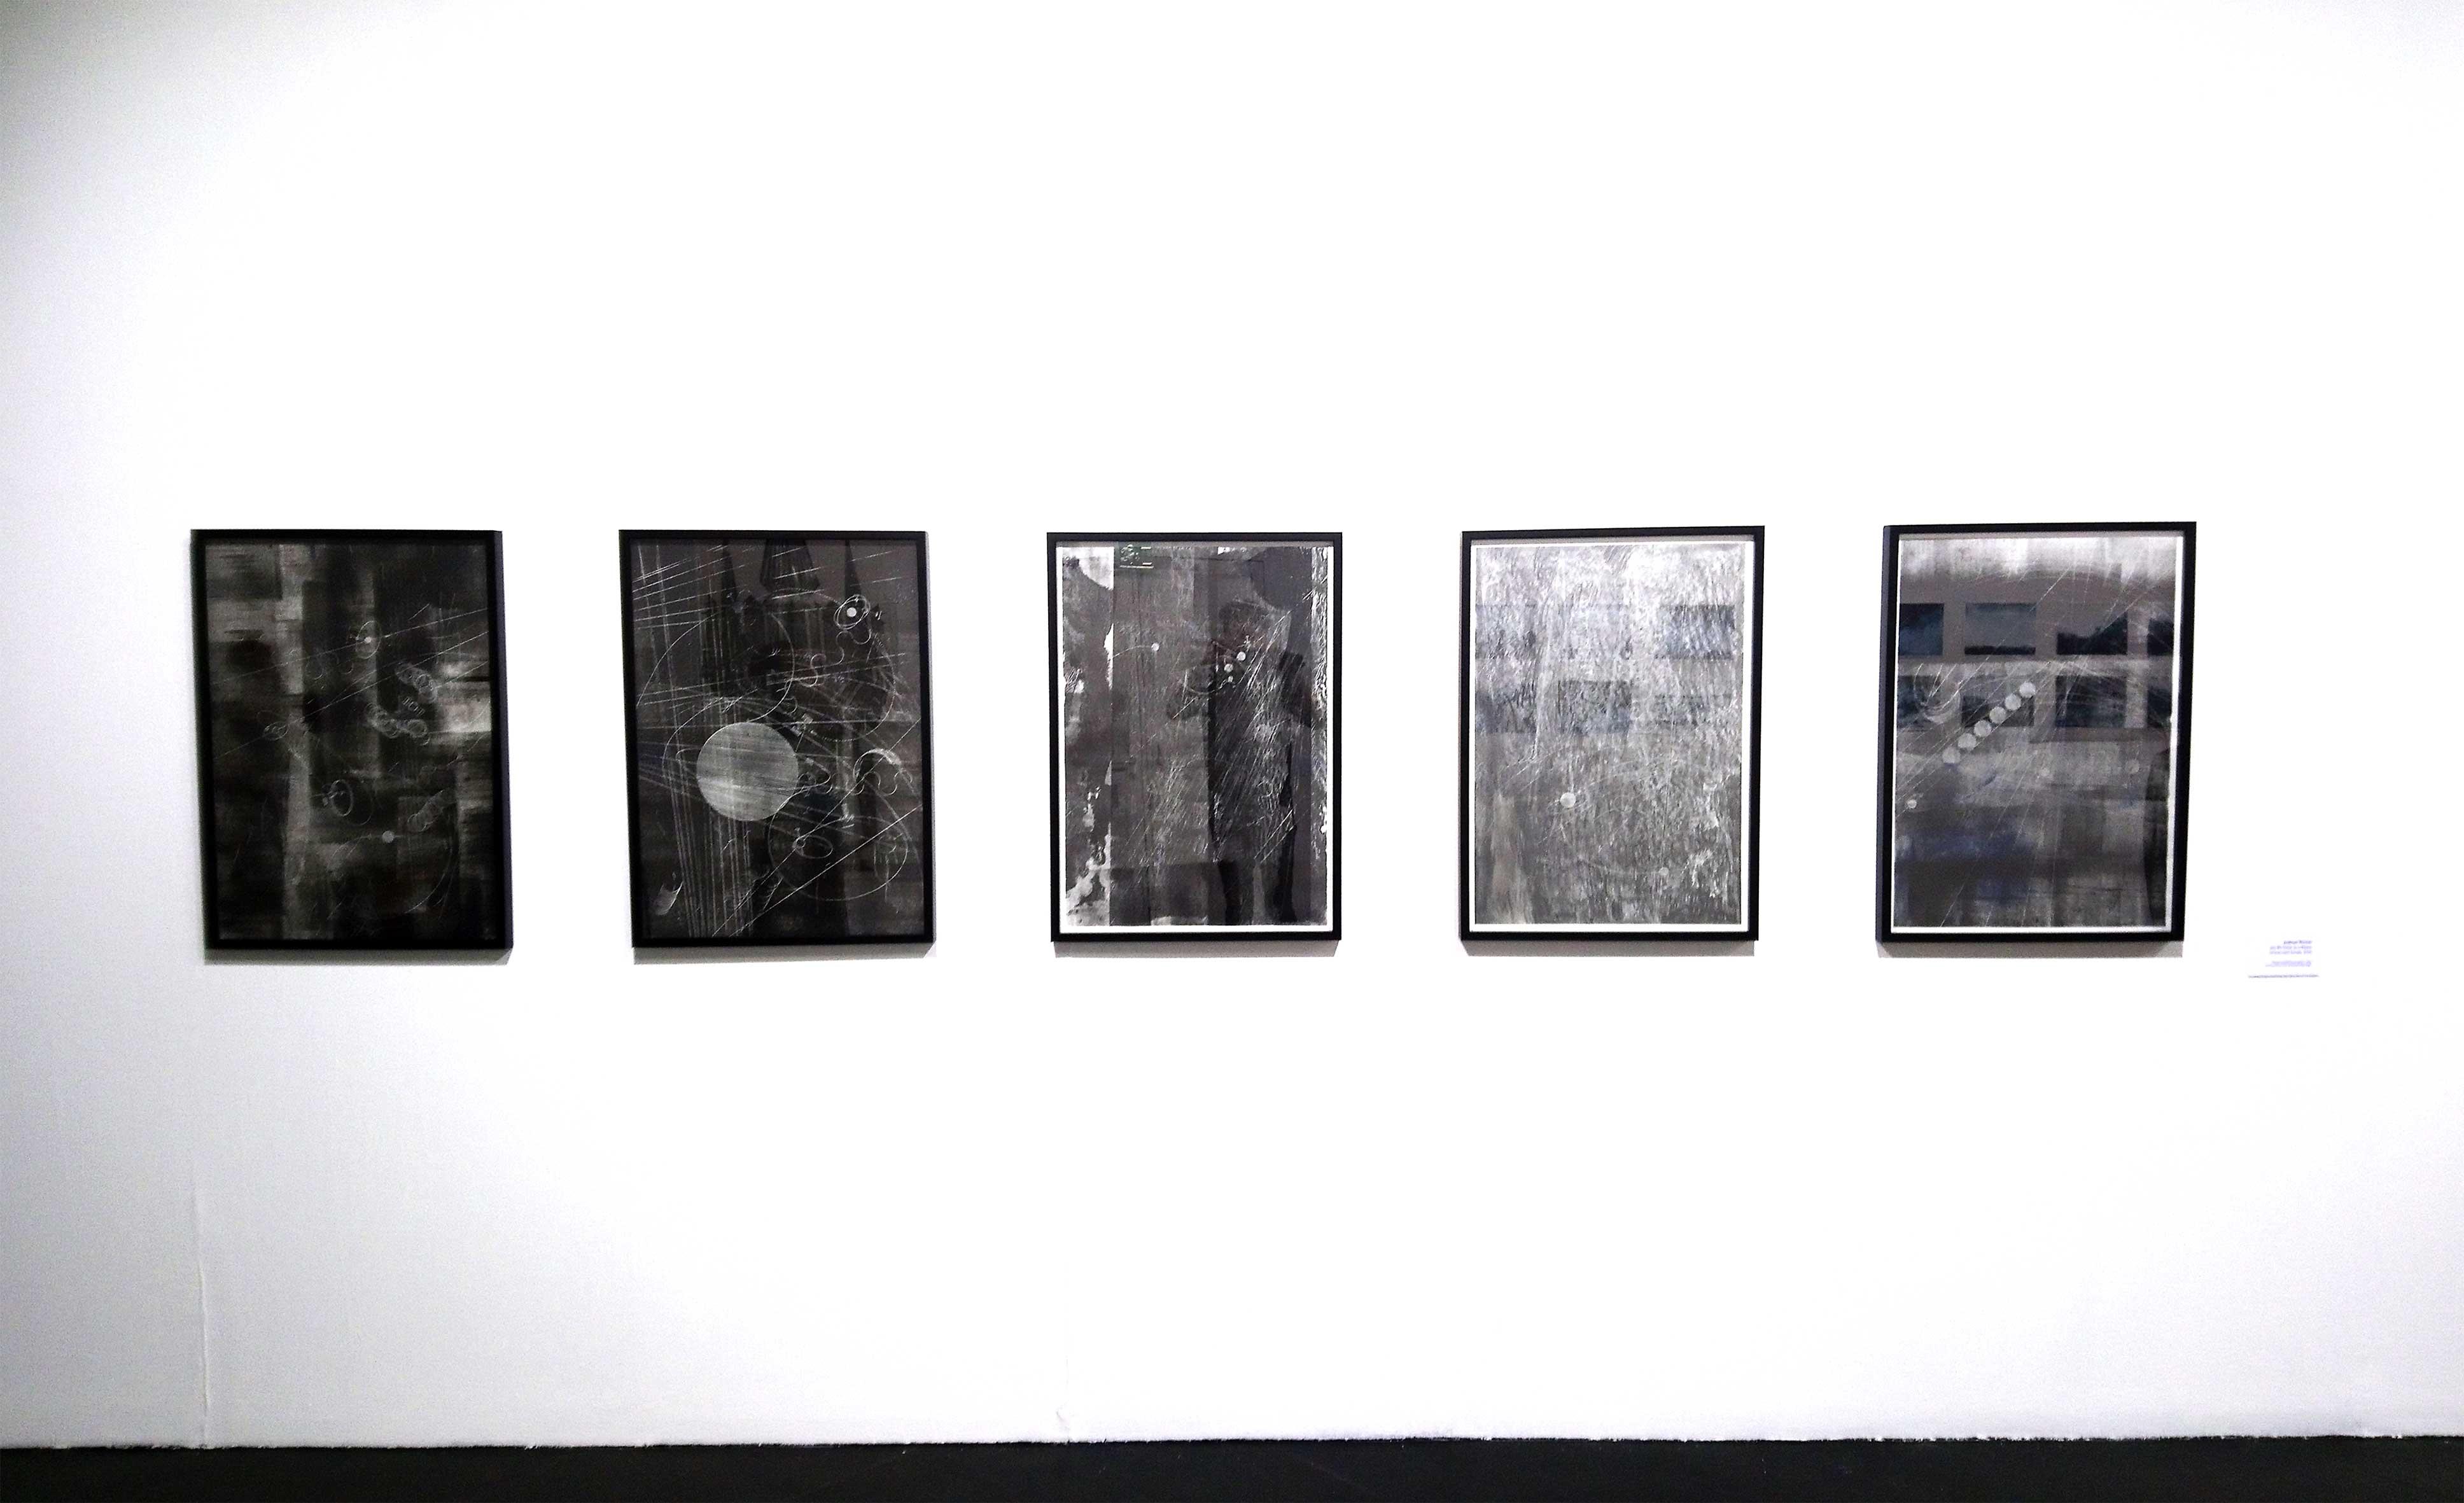 """Ausstellungsansicht """"not dark yet"""", Kunsthaus Muerz / Mürzzuschlag (kuratiert von Roman Grabner) aus der Serie: """"in a dream of suns and moons"""" 84 x 60 cm Ölfarbe, Erde und Bleistift auf Papier"""